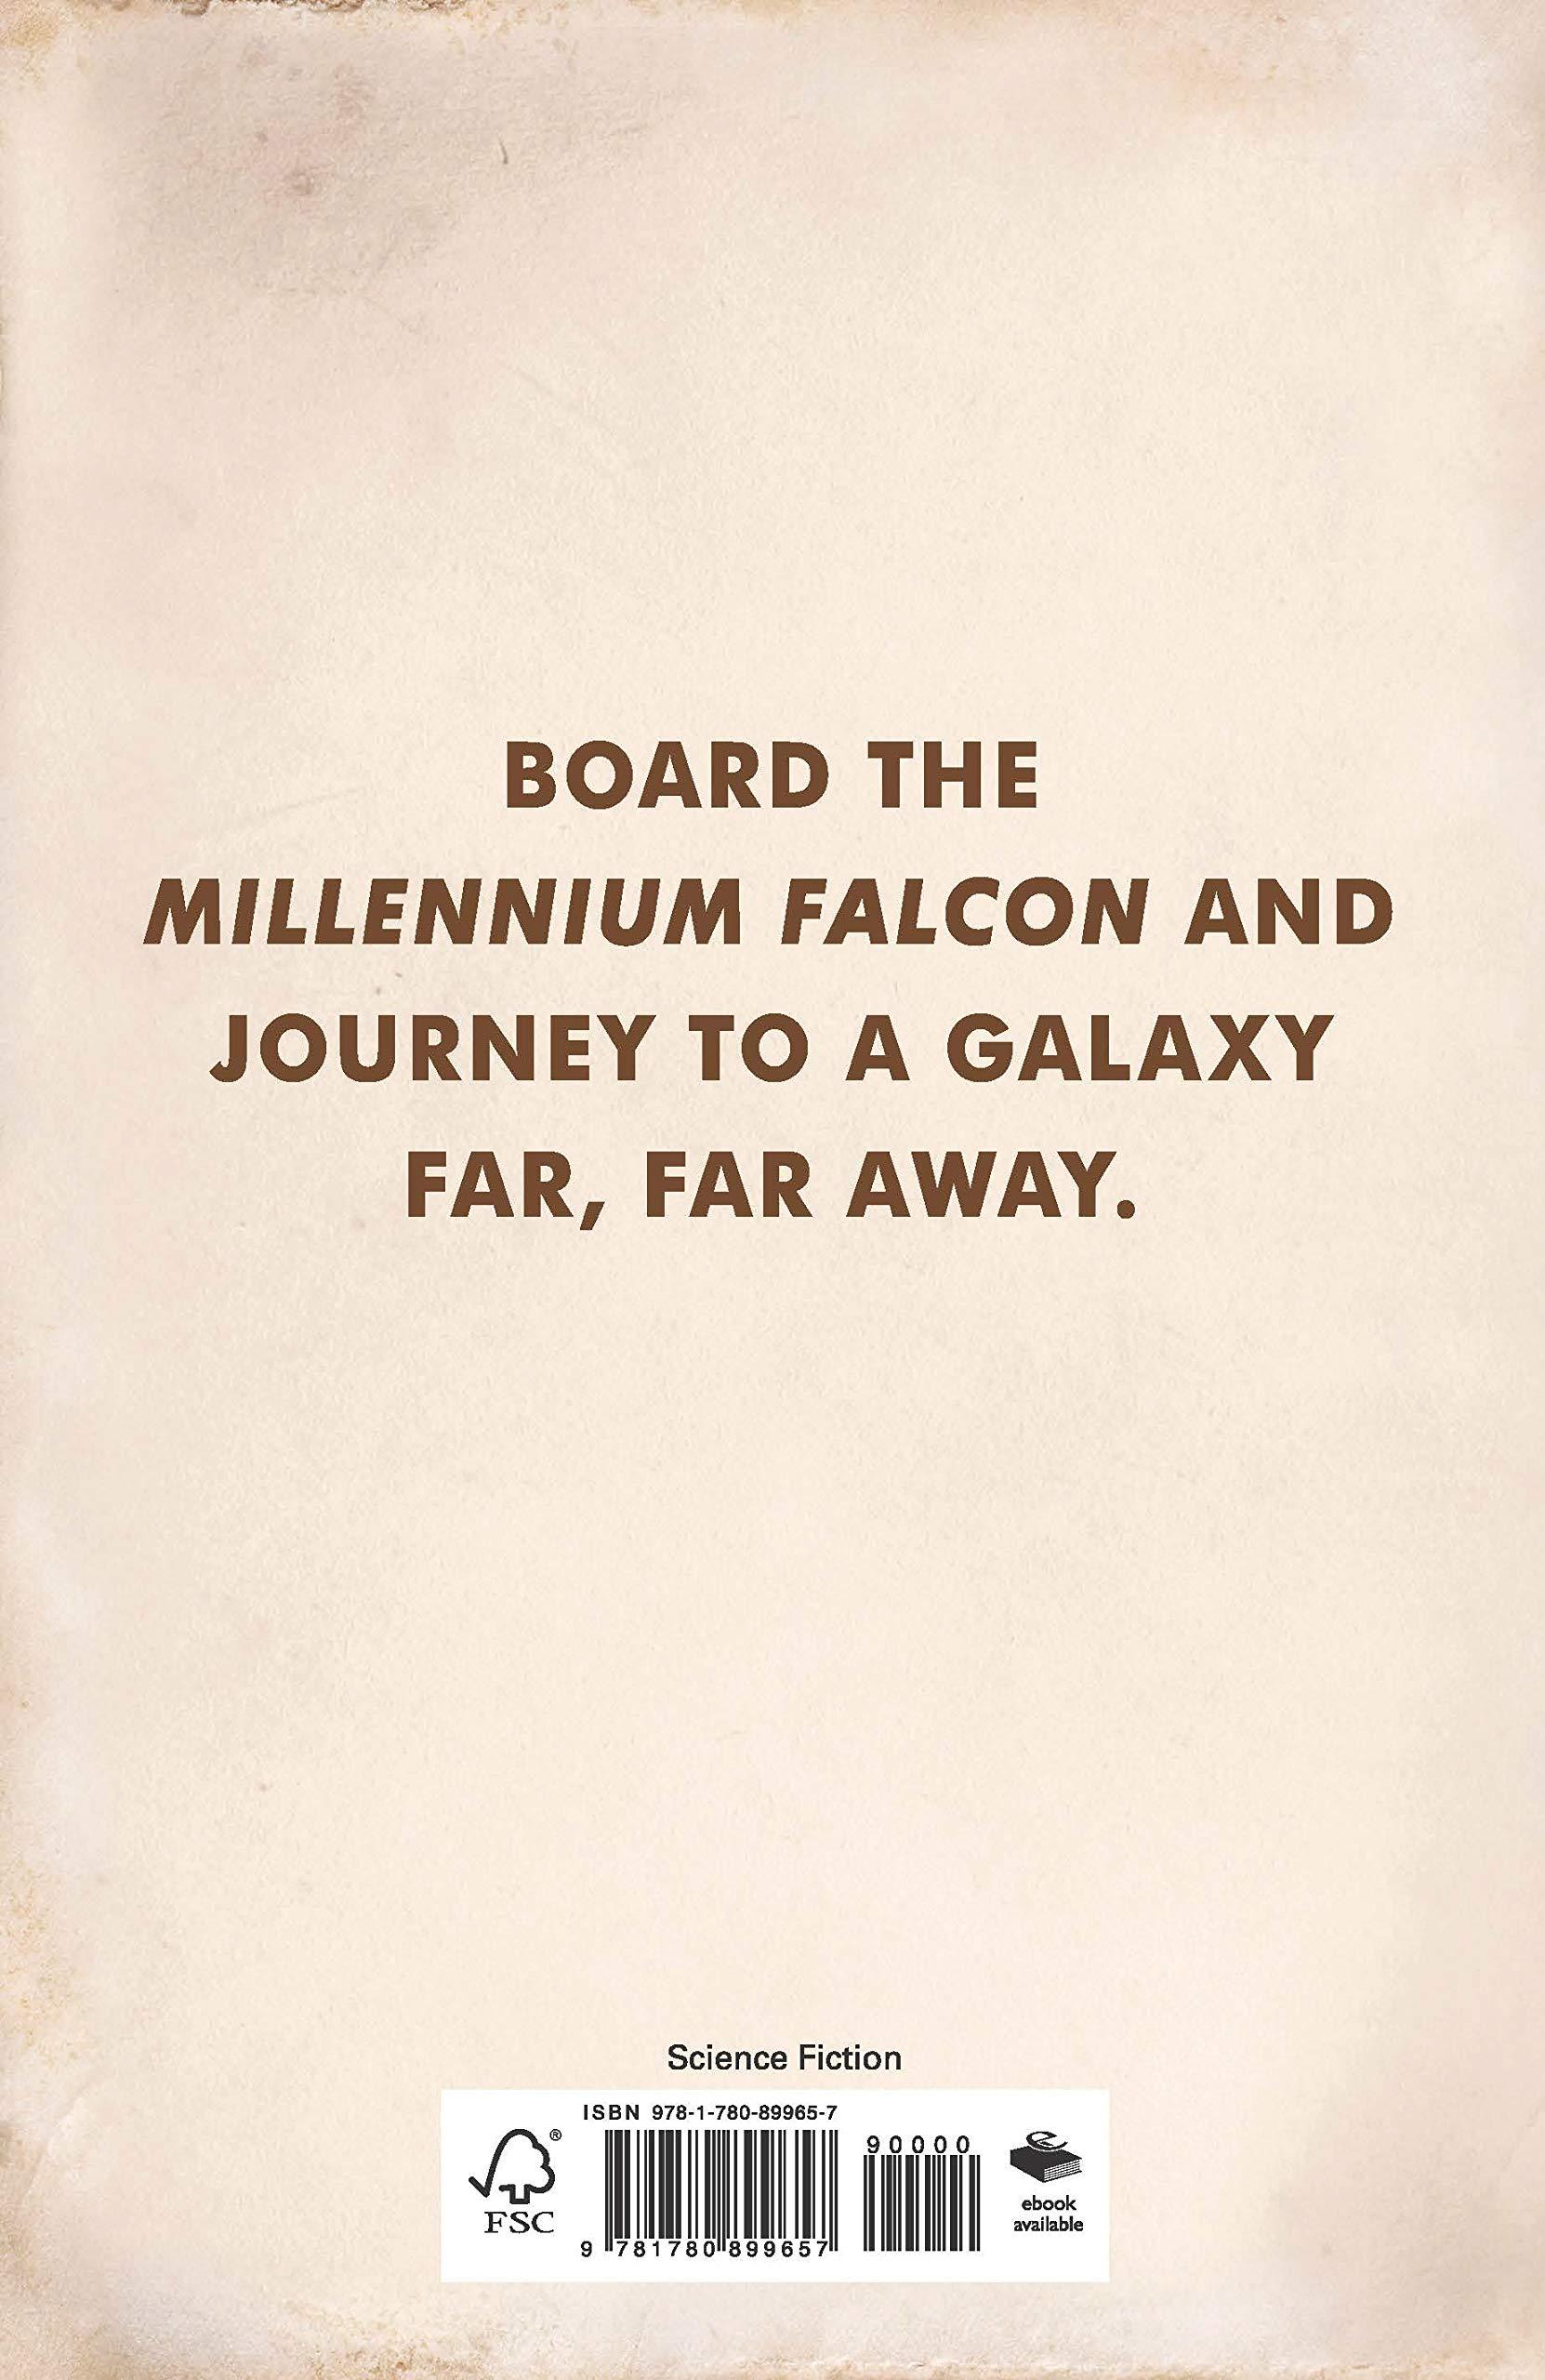 Solo: A Star Wars Story: Expanded Edition: Amazon.es: Lafferty, Mur: Libros en idiomas extranjeros